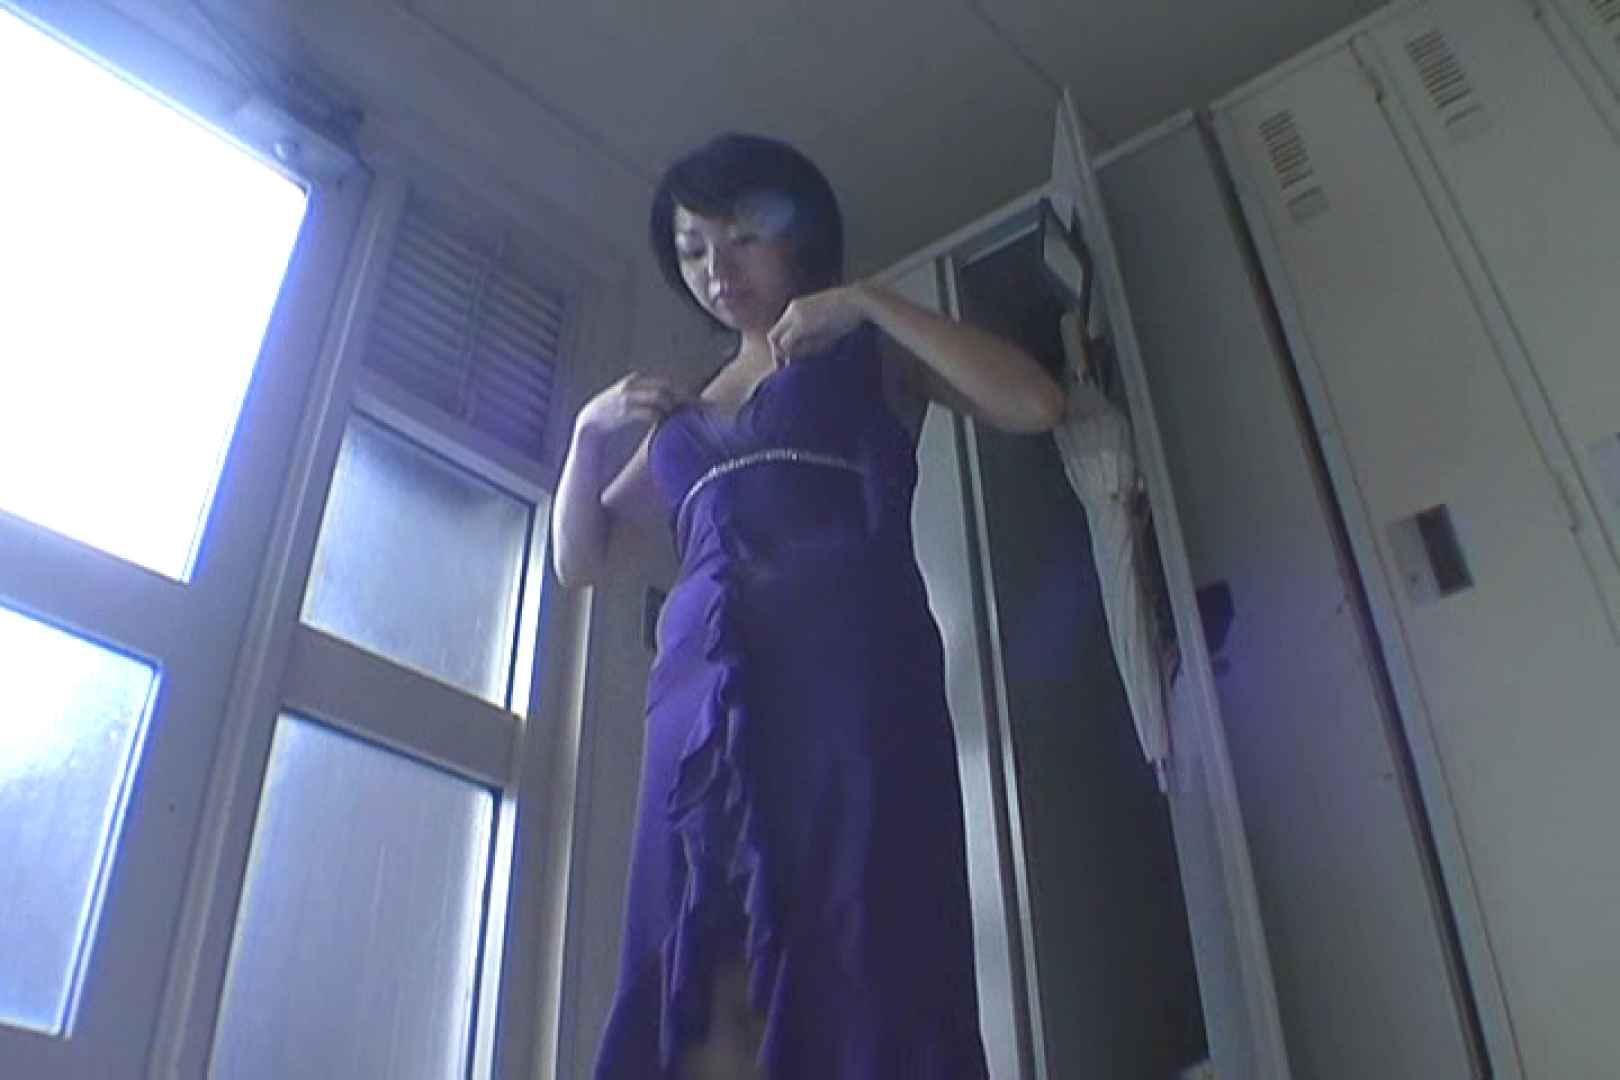 キャバ嬢舞台裏Vol.1 エロいキャバ嬢 盗撮画像 68枚